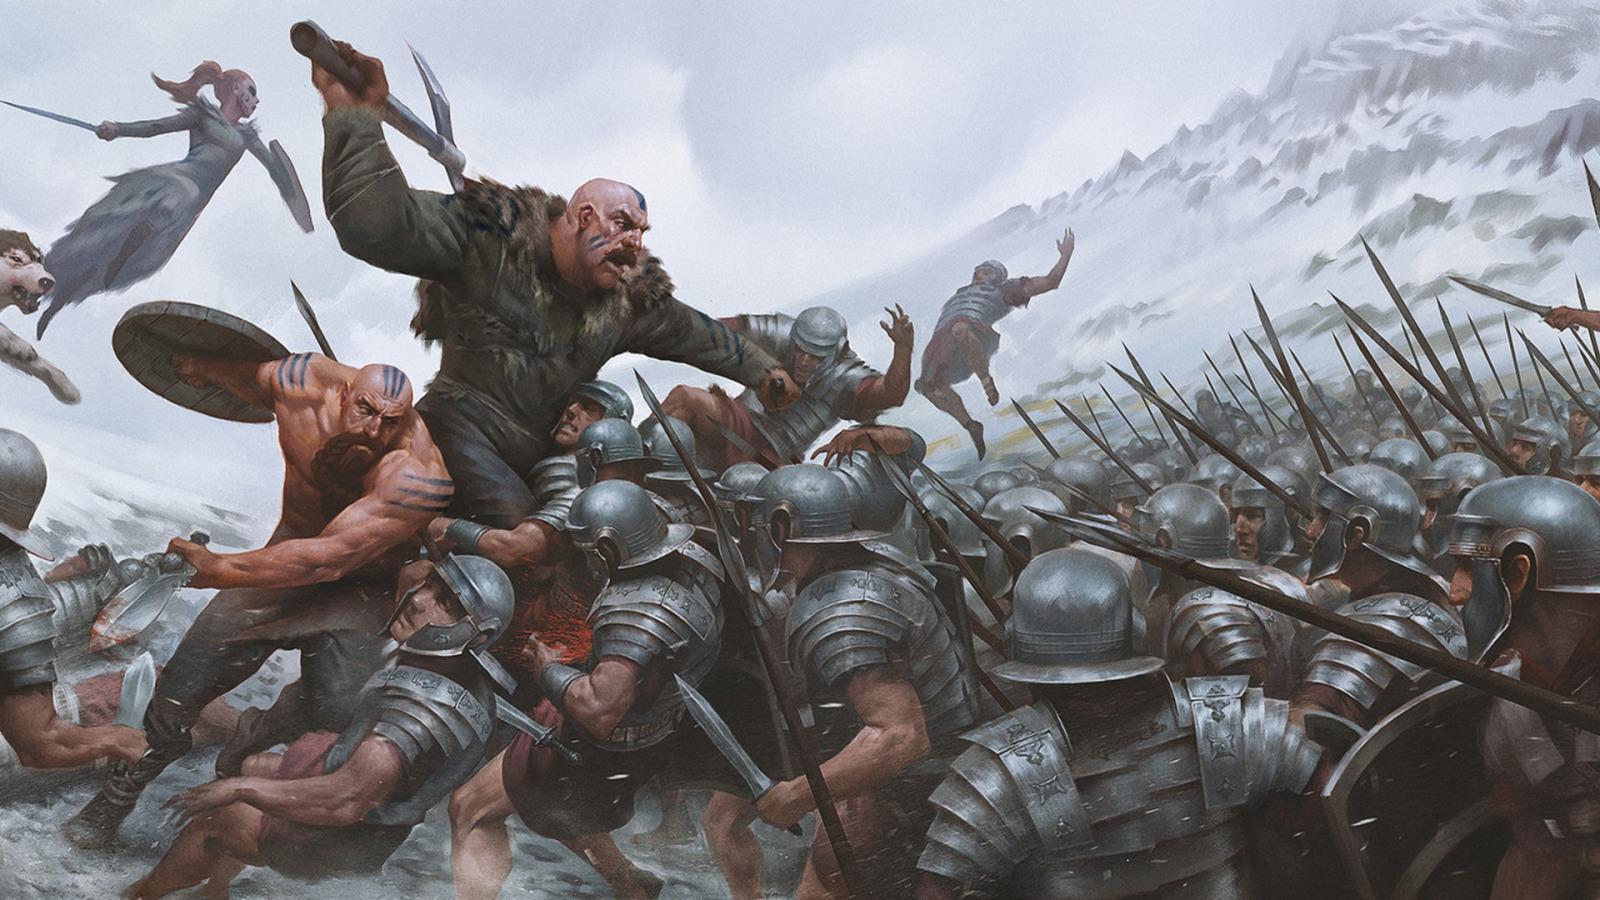 травление металла картинки викинги в бою результаты освоения